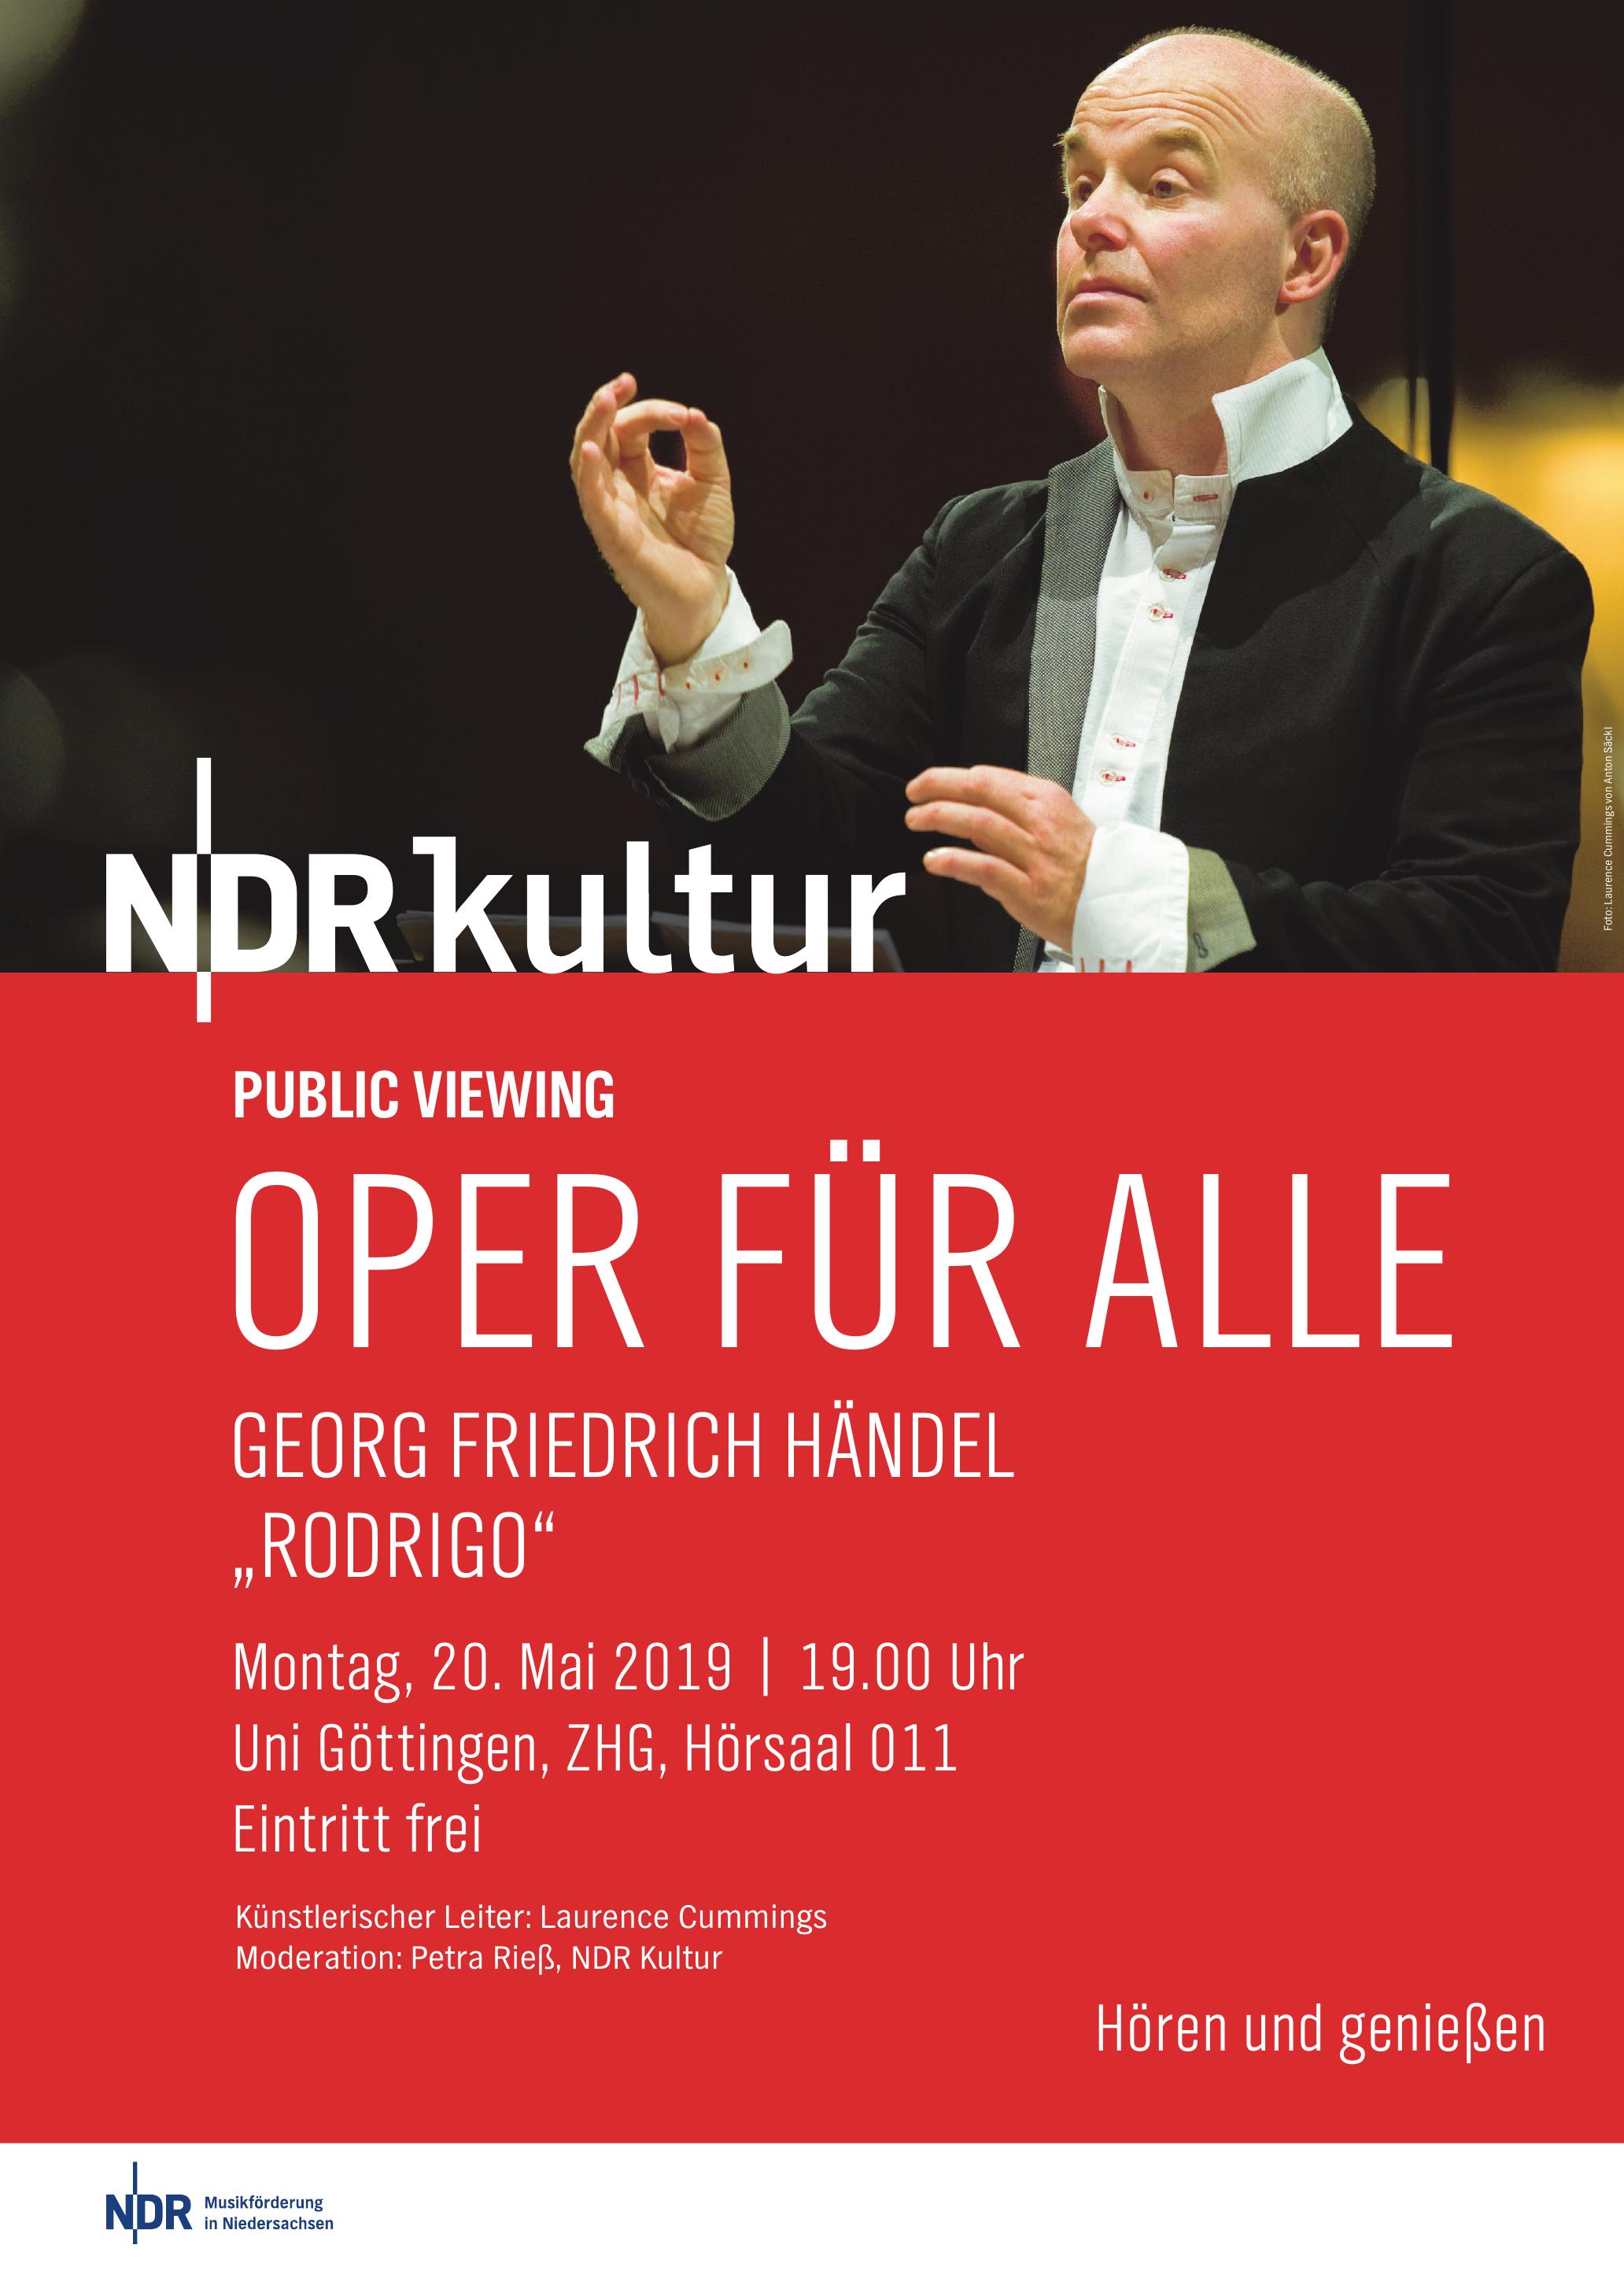 NDR Musikförderung in Niedersachsen